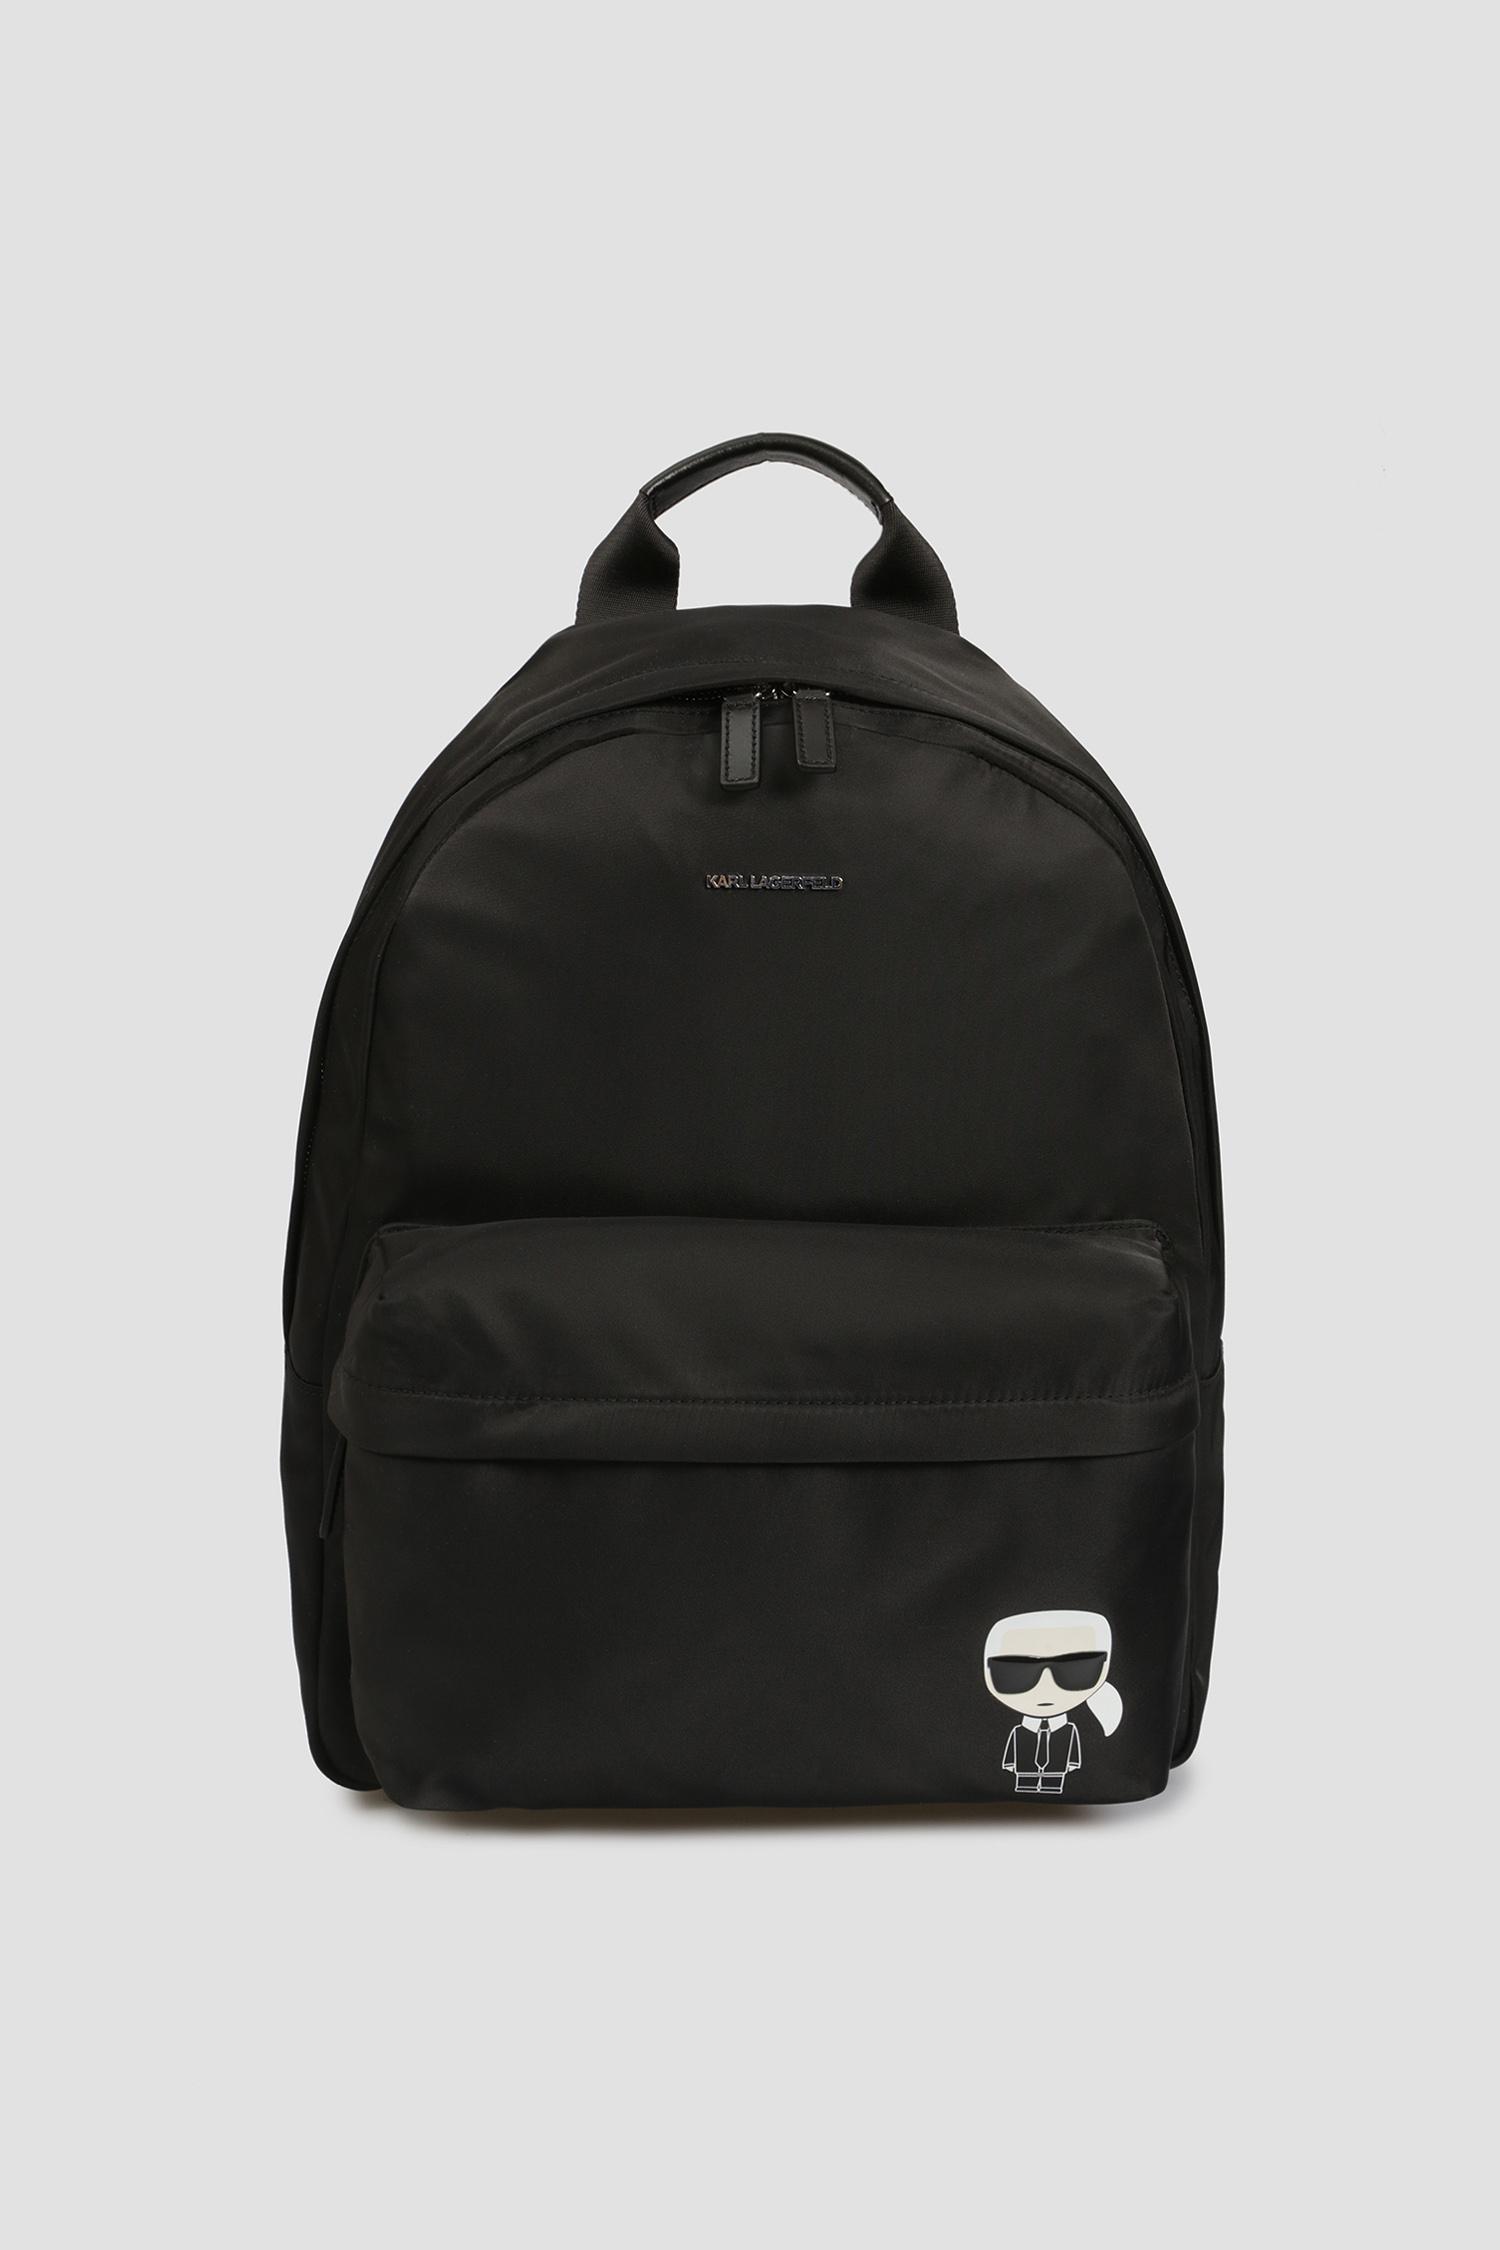 Чоловічий чорний рюкзак Karl Lagerfeld 501199.805912;990